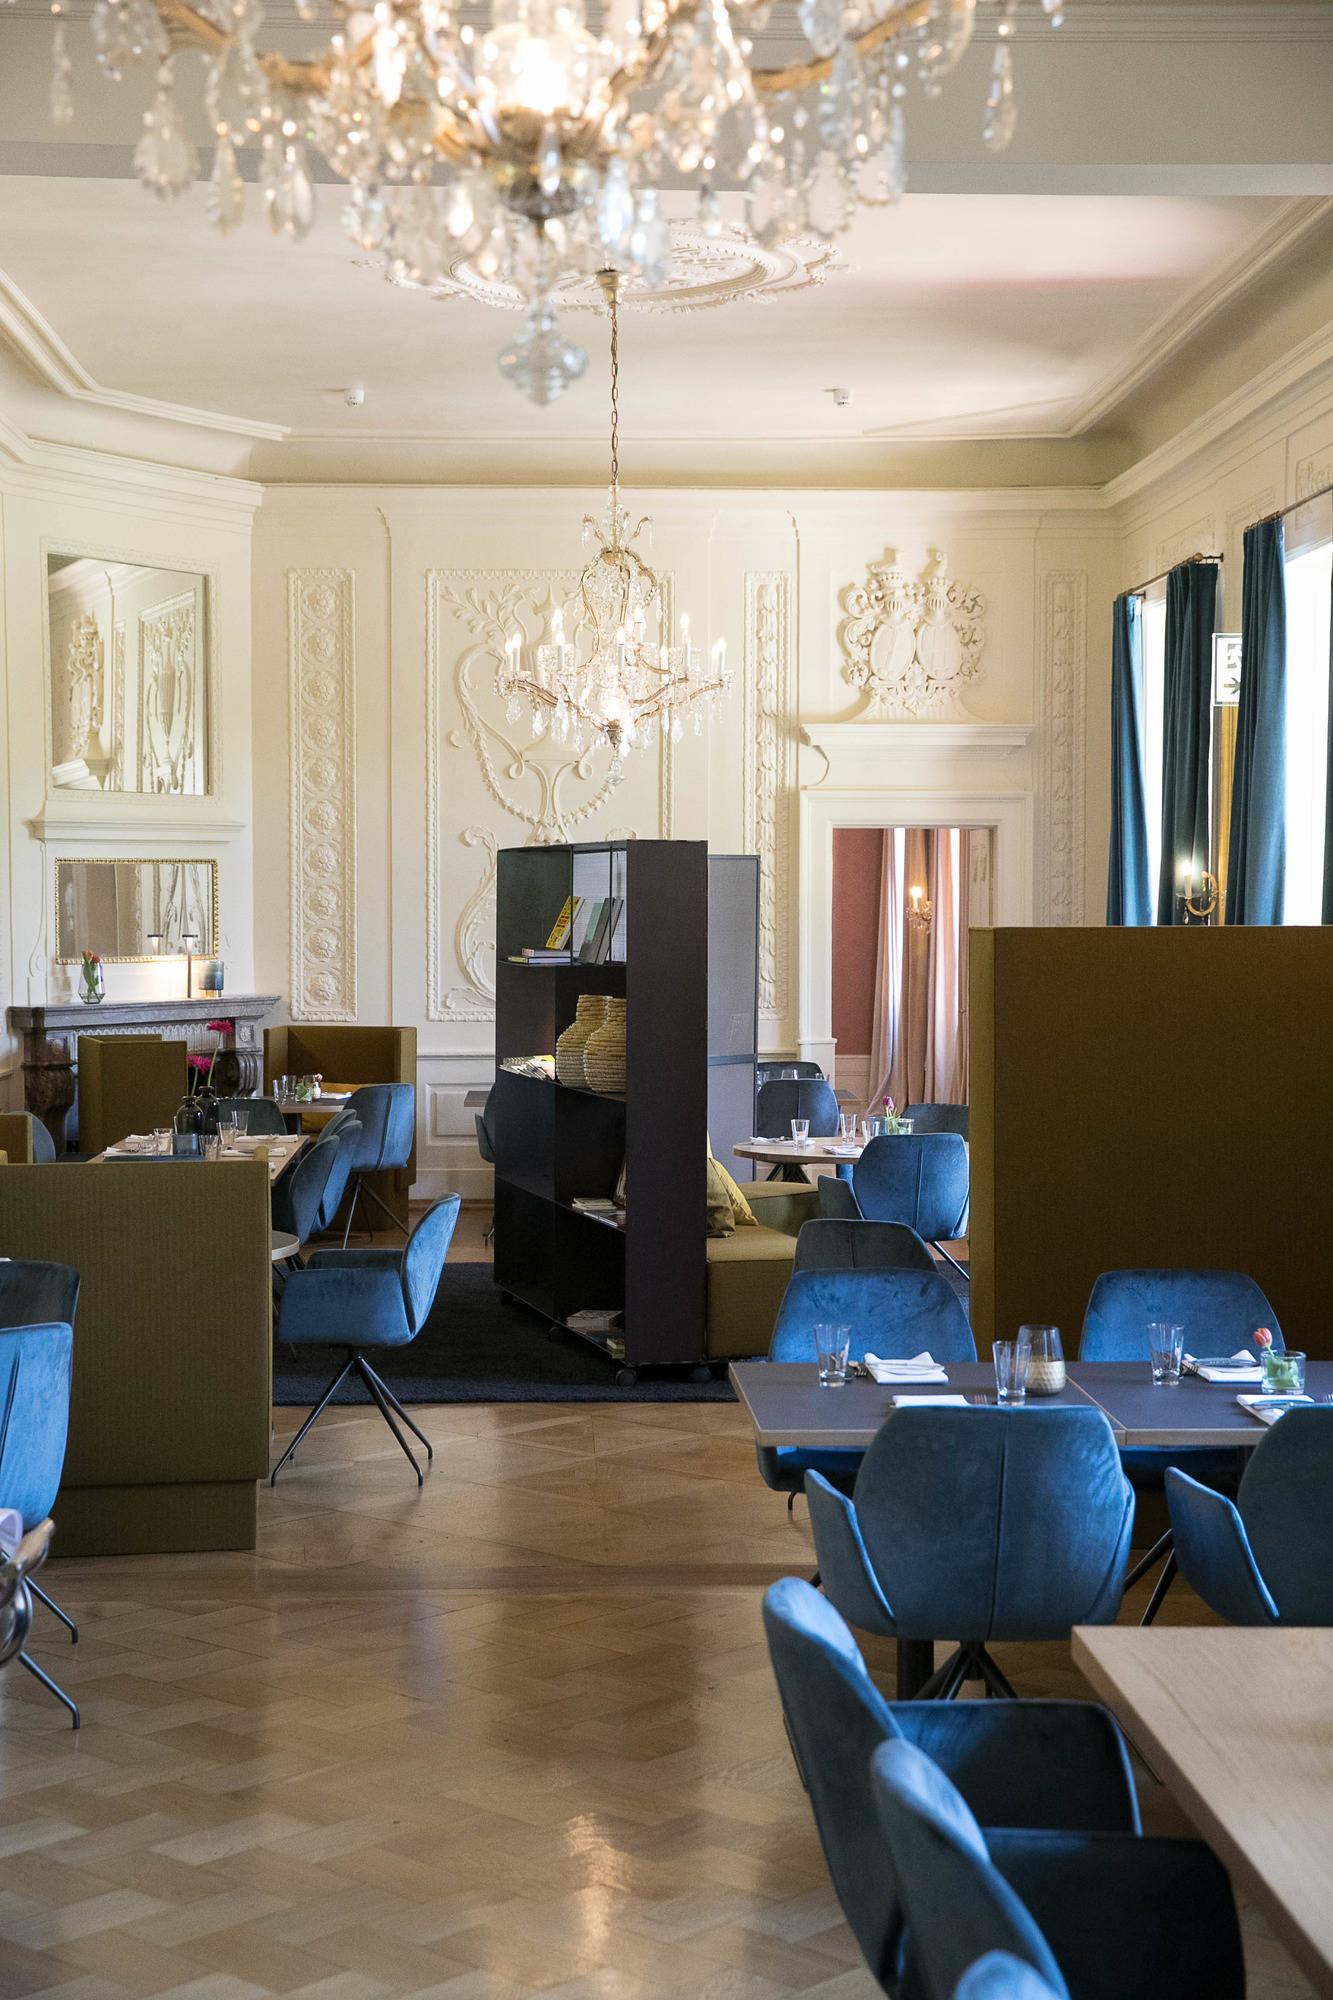 Der Restaurantbereich Lsst Sich Knftig Von Festgesellschaften Trennen Fotos Kreutzer